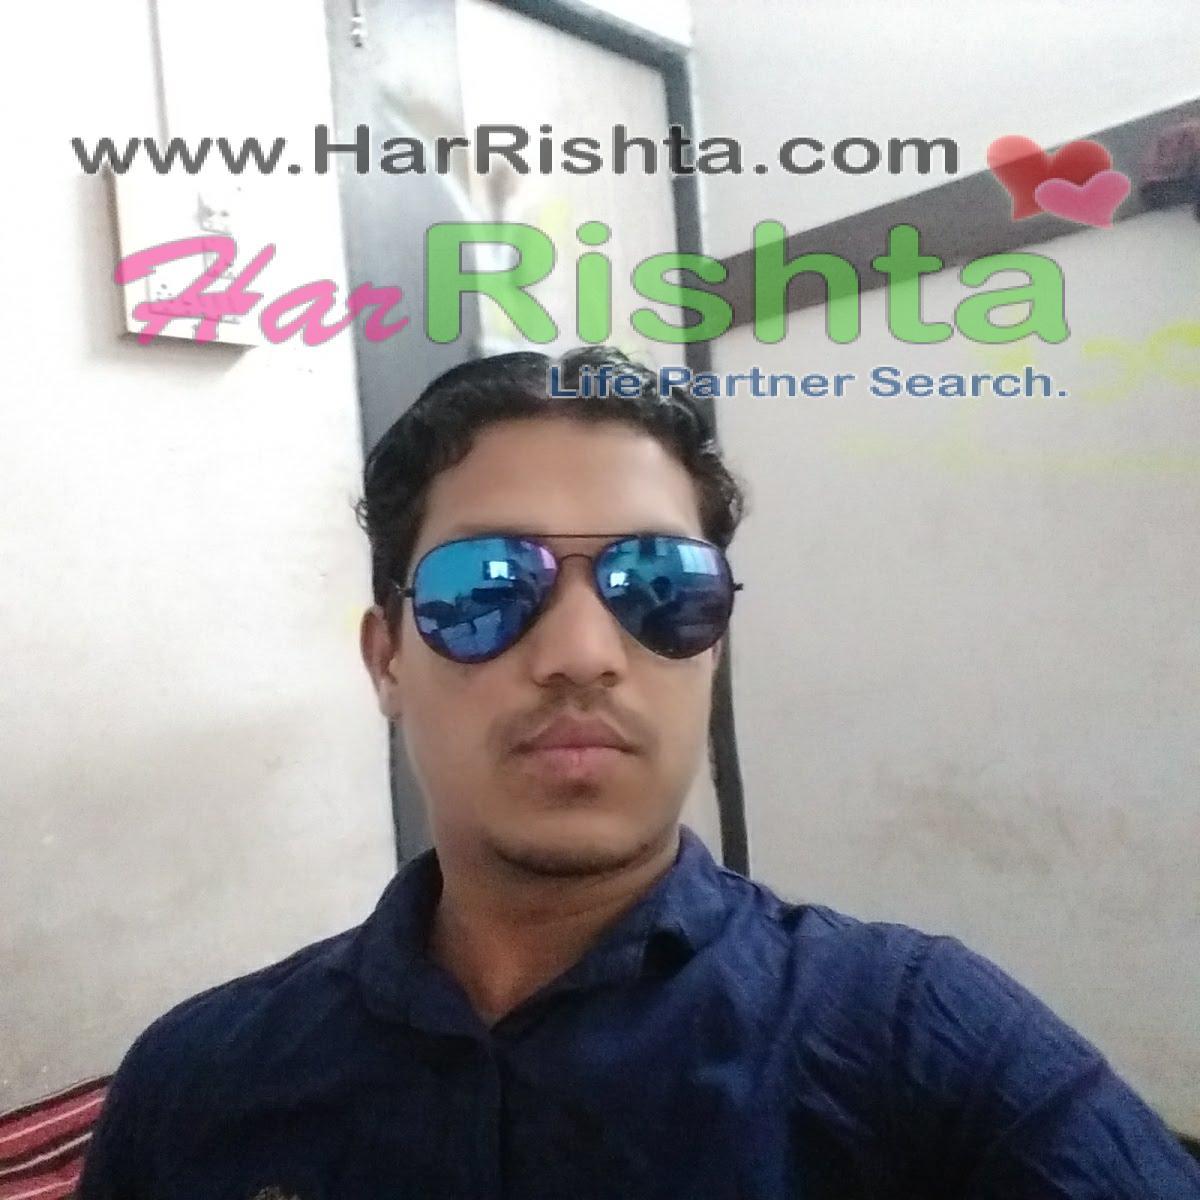 Sheikh Boy Rishta in Dina City